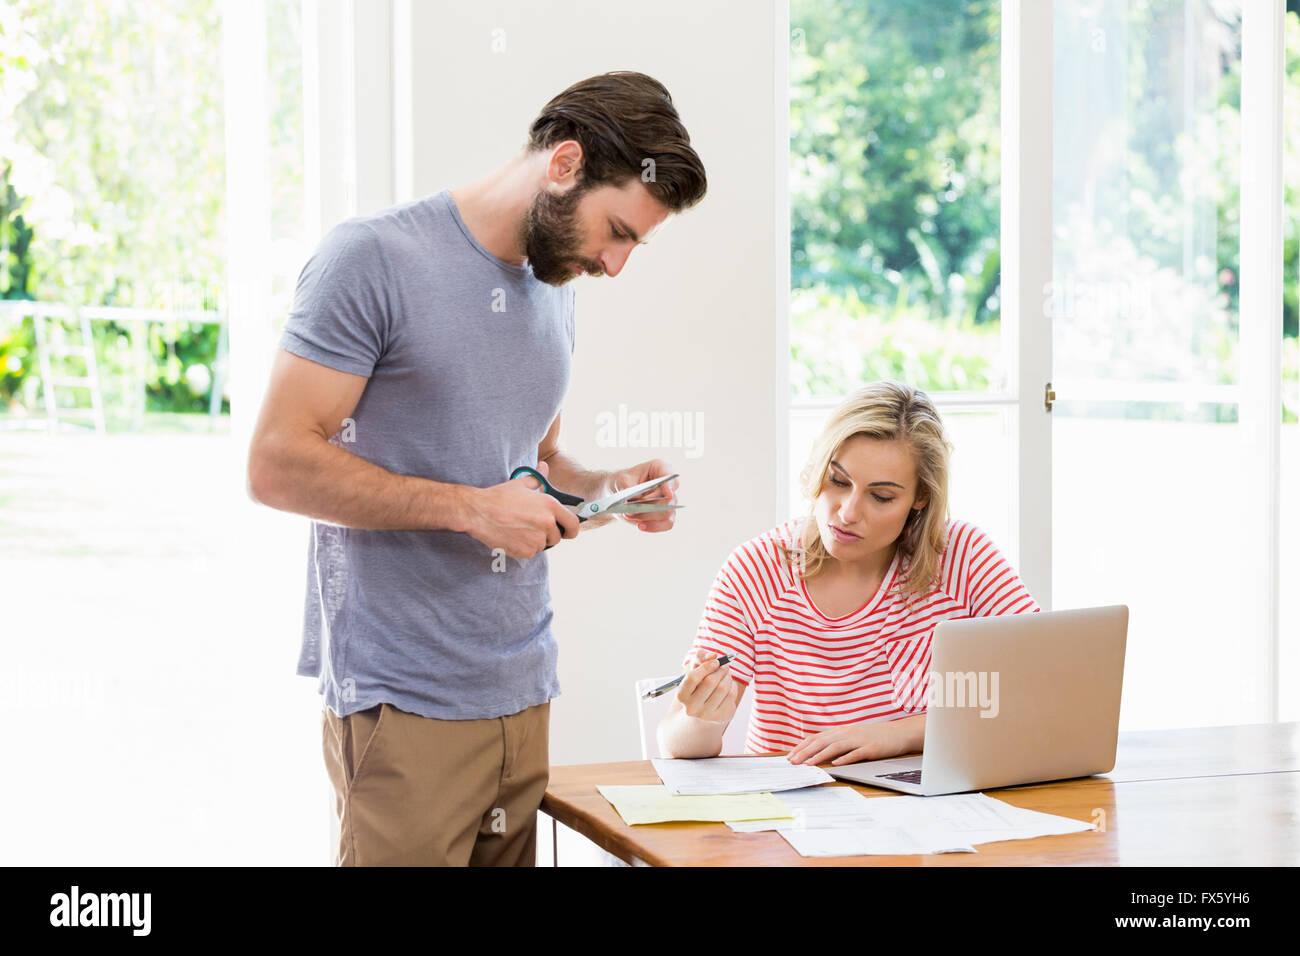 La coupe d'un homme tandis que la carte de crédit avec les projets de femme tendue sitting at table Photo Stock